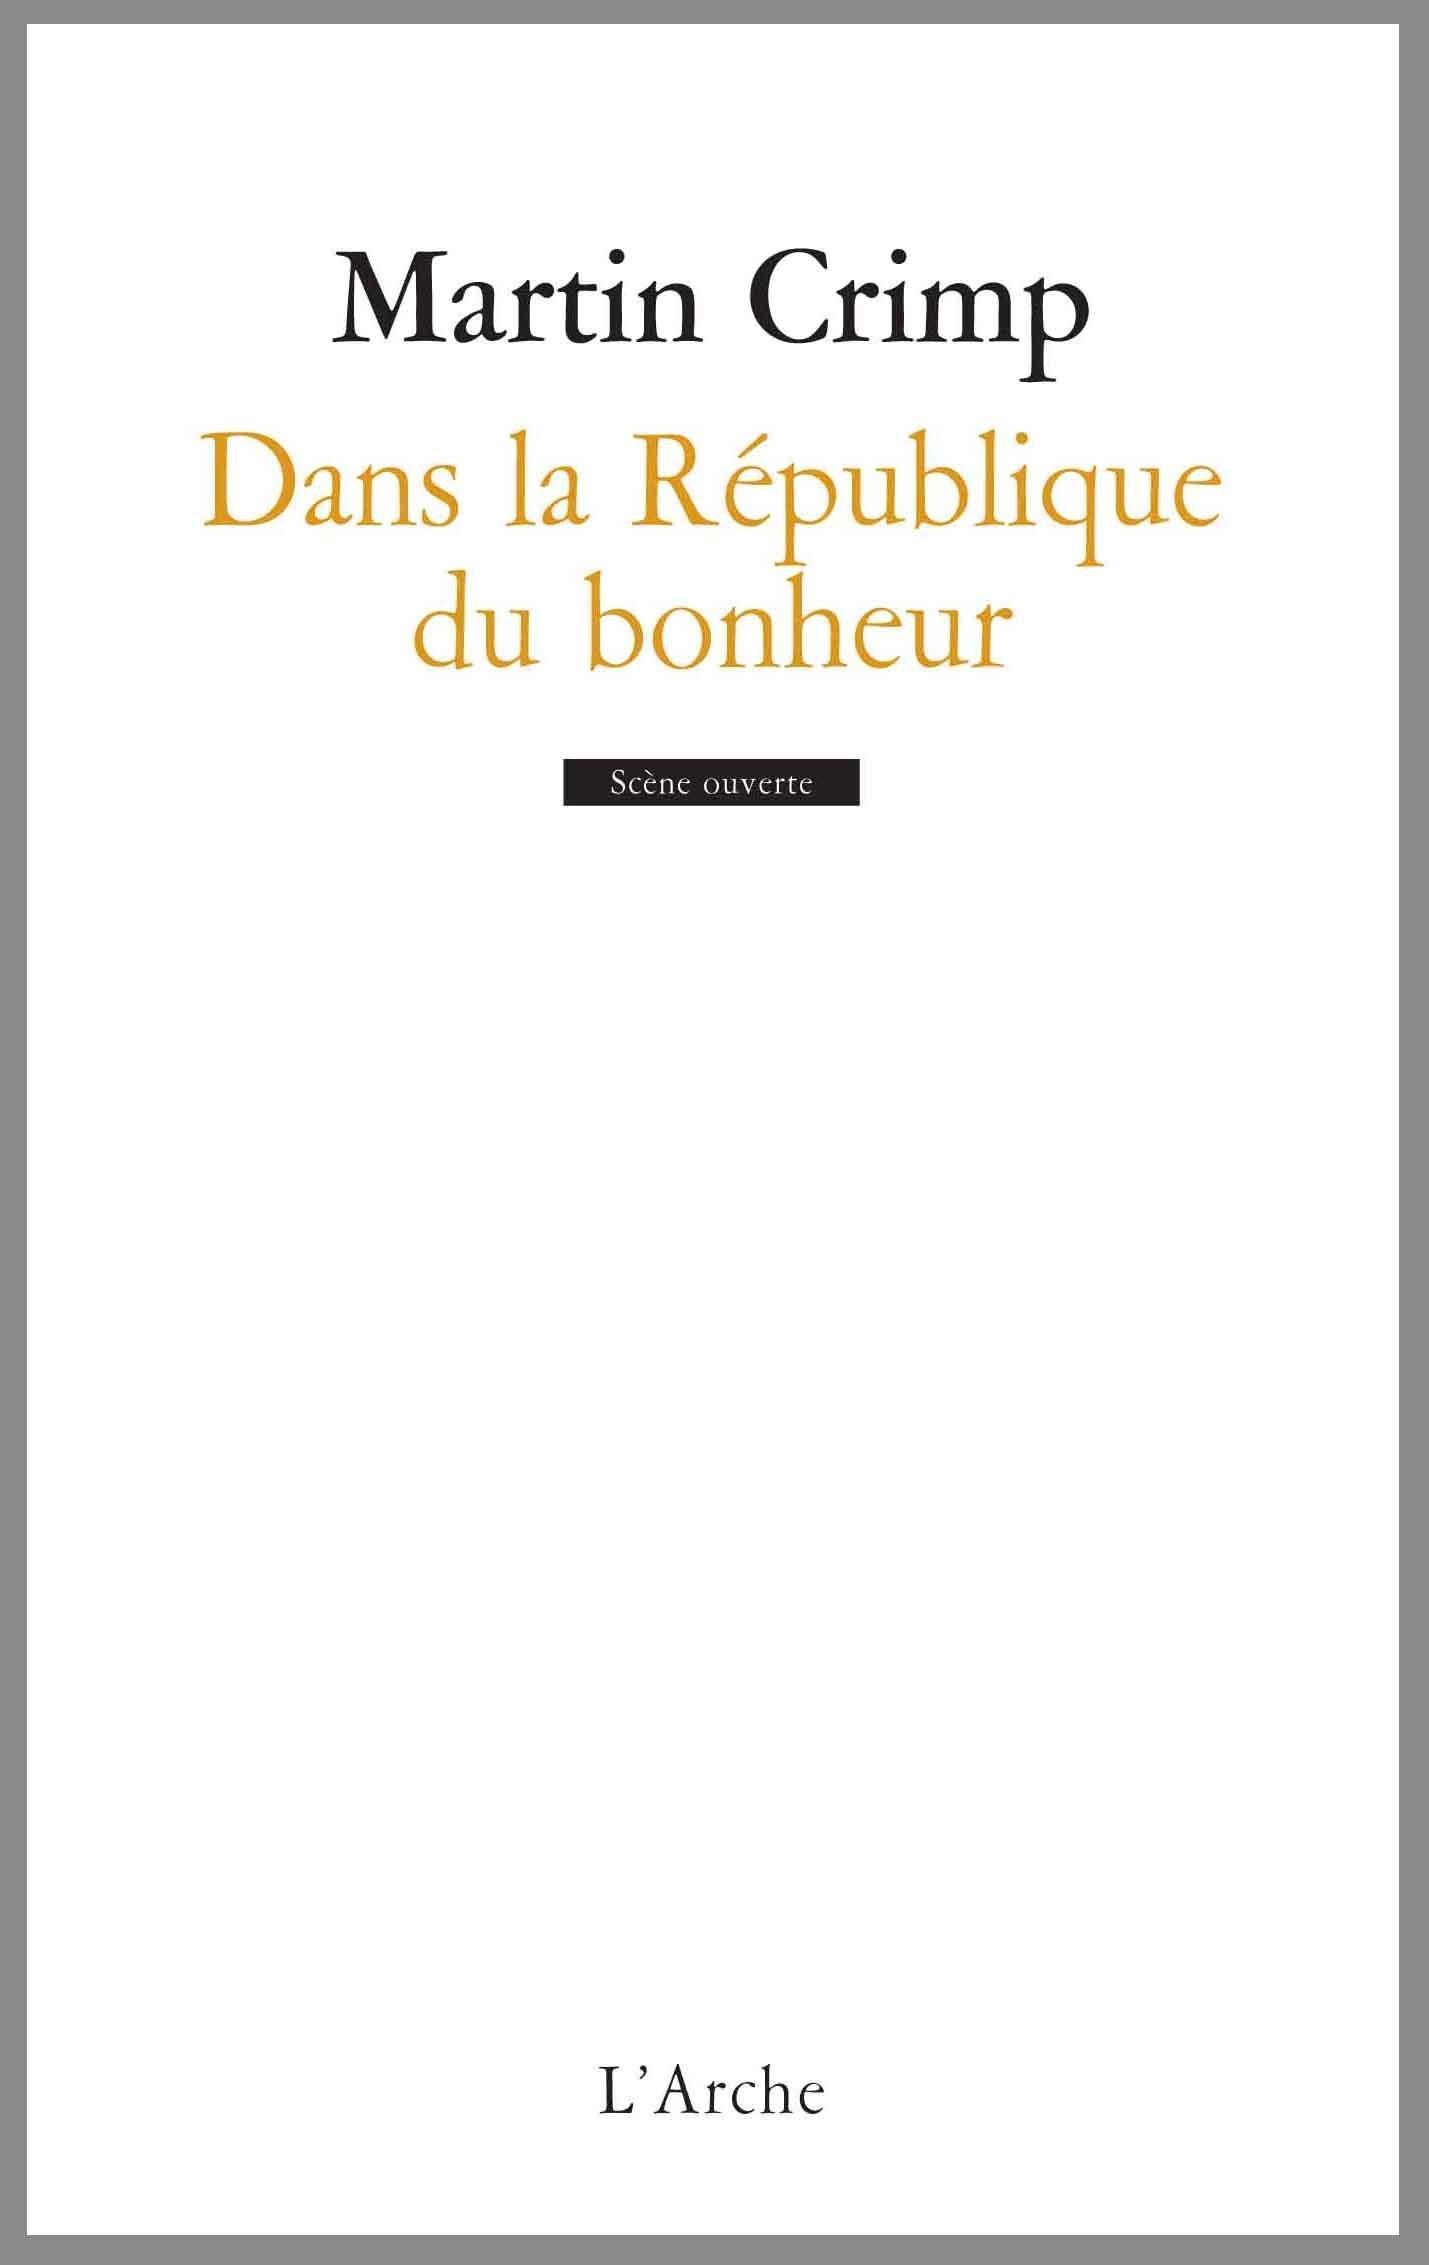 DANS LA REPUBLIQUE DU BONHEUR